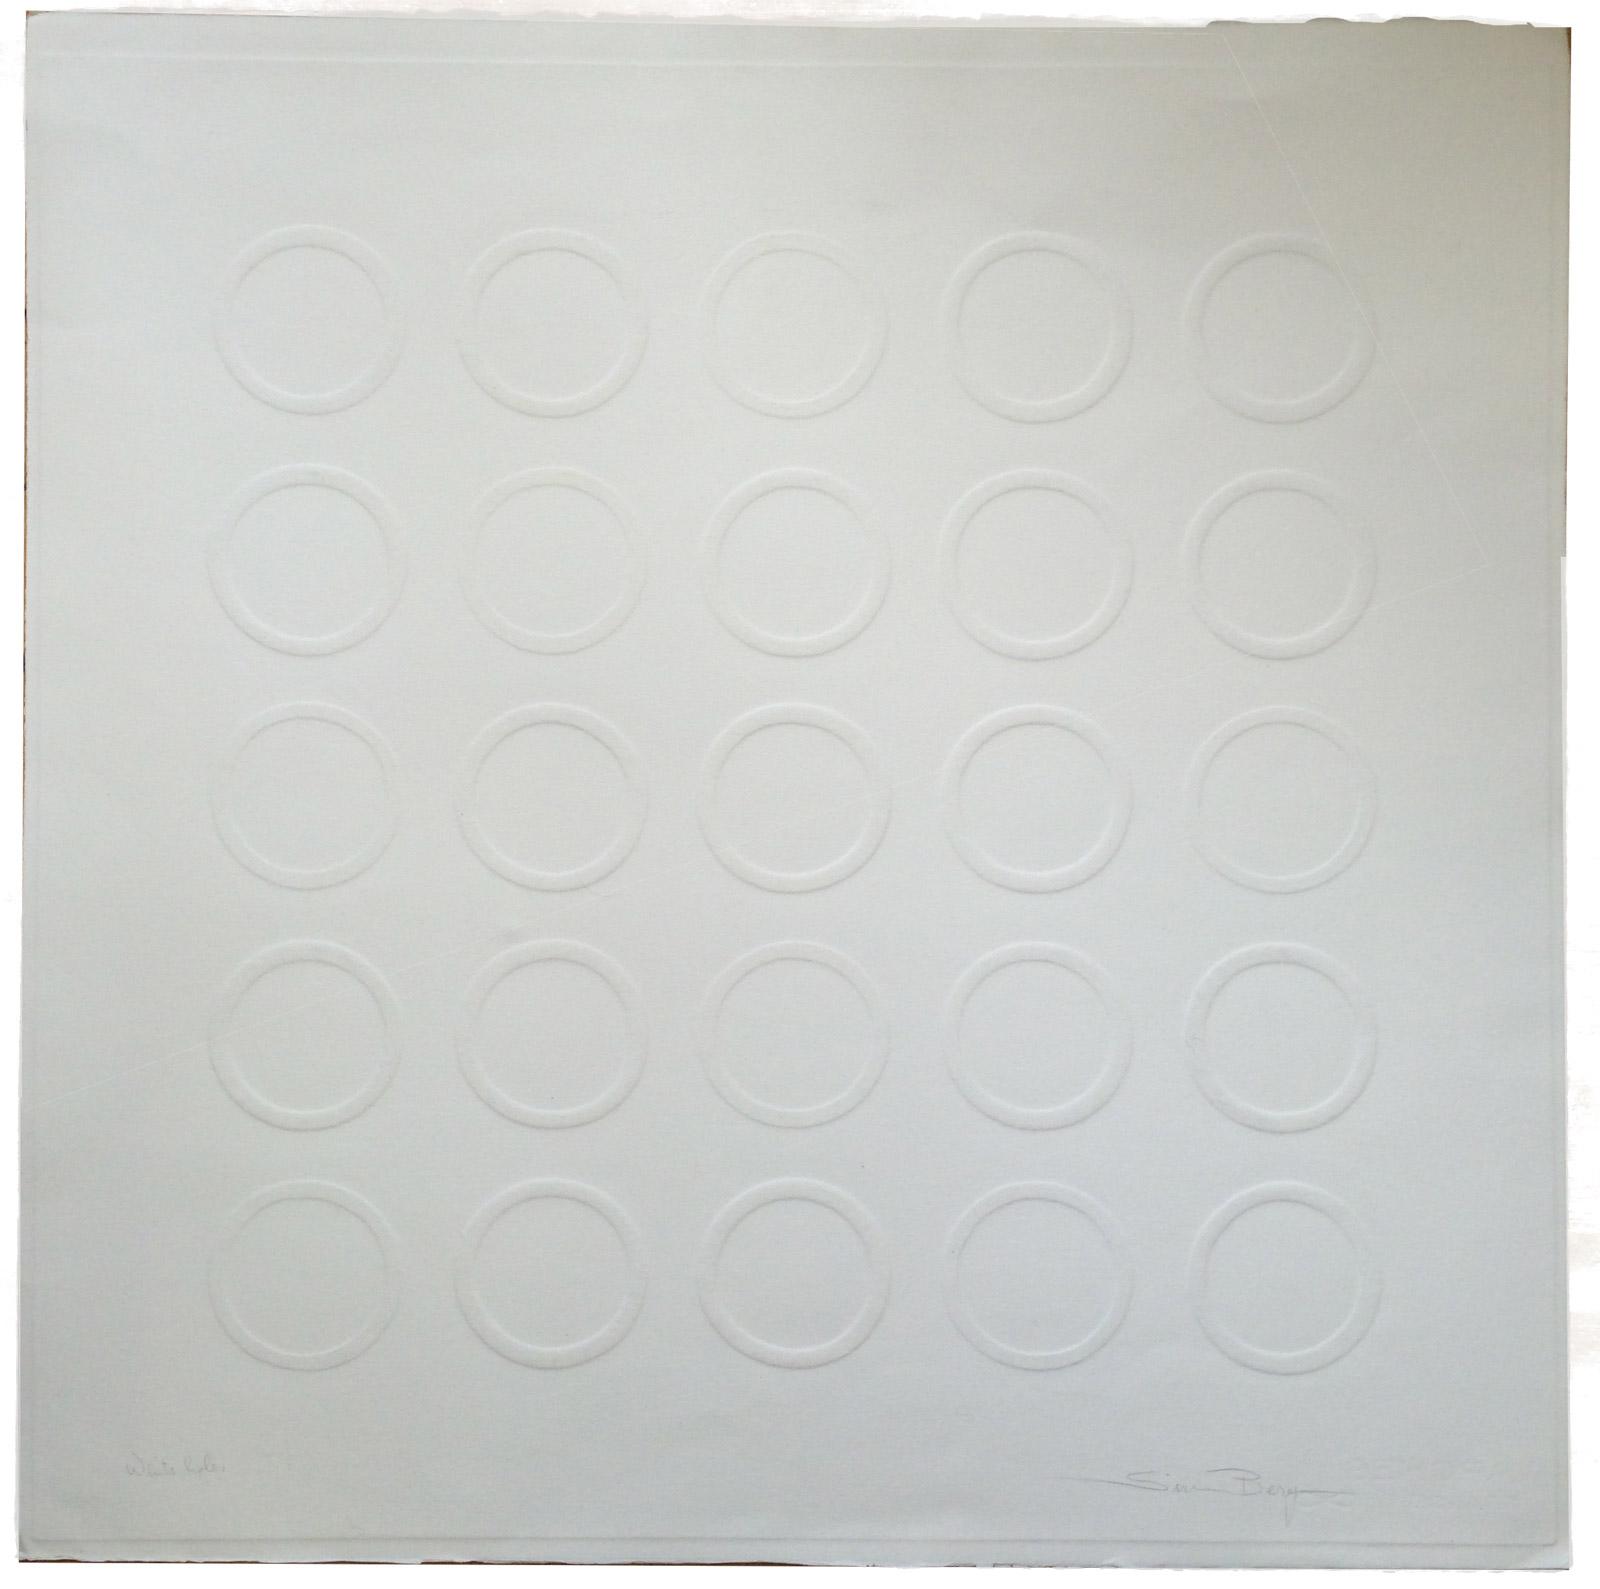 White Holes (1981)